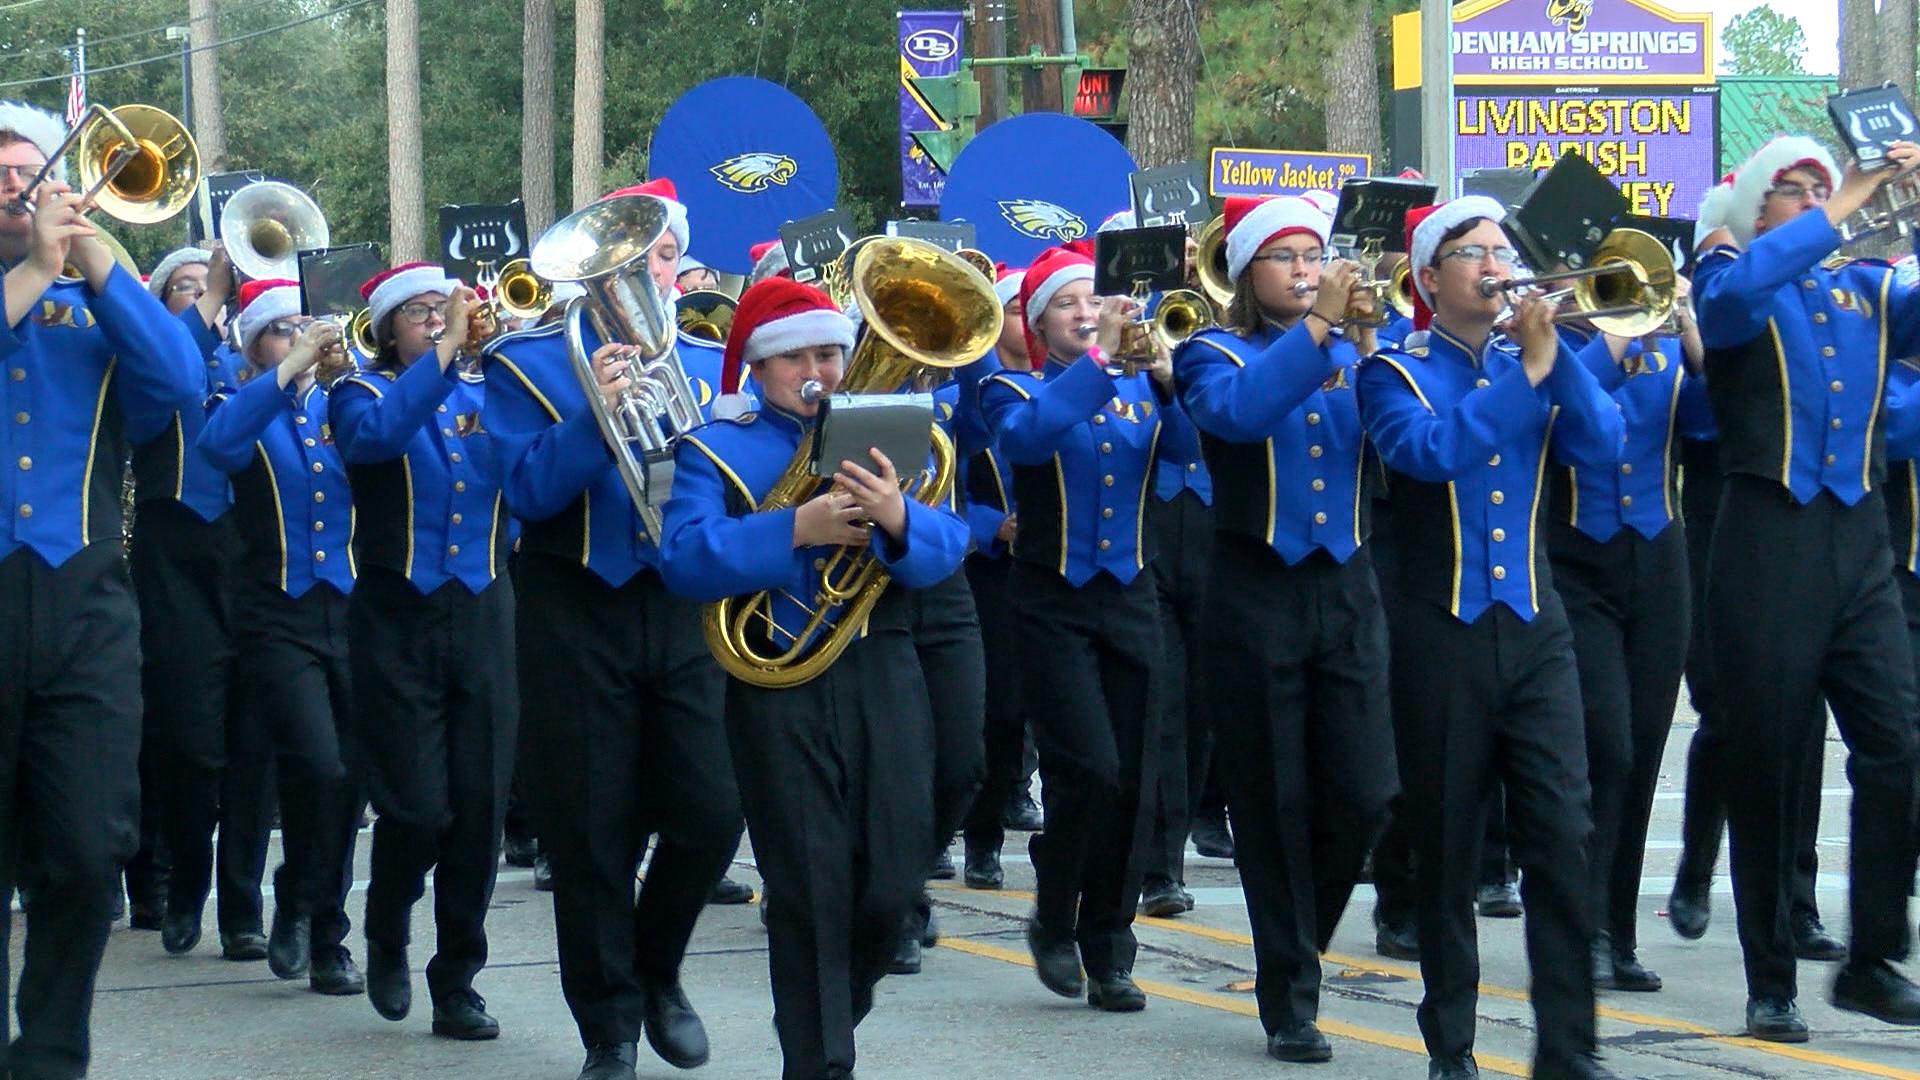 Denham Springs Christmas Parade 2021 Denham Springs Christmas Parade Draws Hundreds Of Families